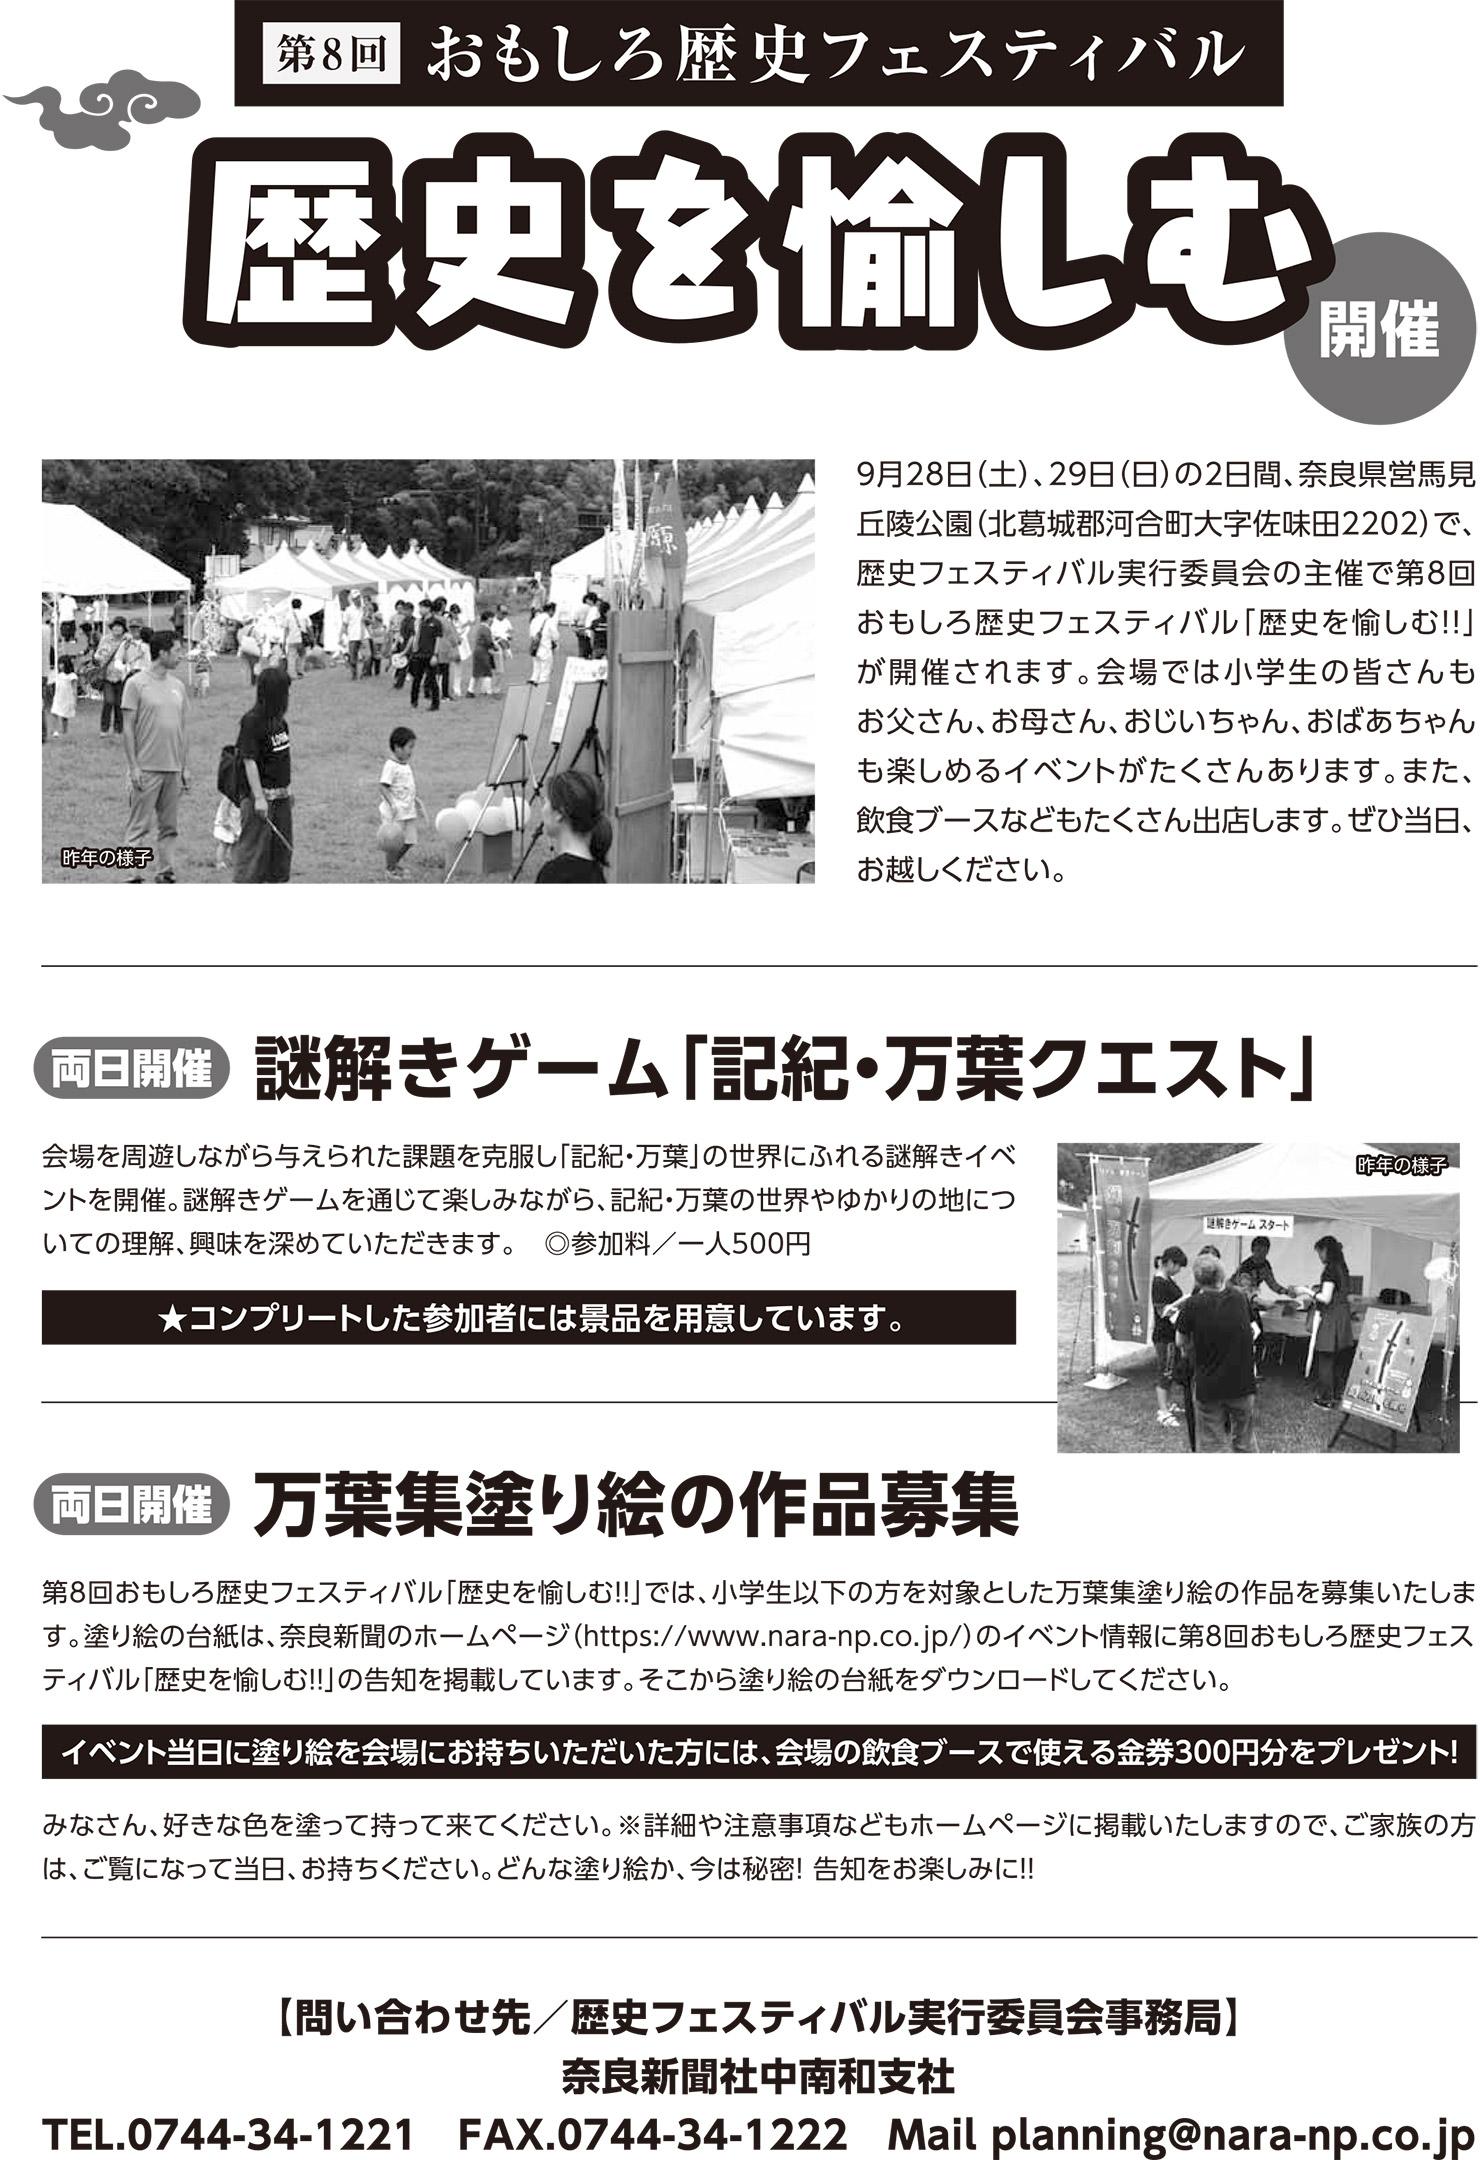 【9月29日はまりこふんトークショー&古墳ツアー】『第8回おもしろ歴史フェスティバル 歴史を愉しむ』(9月28日・29日)/奈良